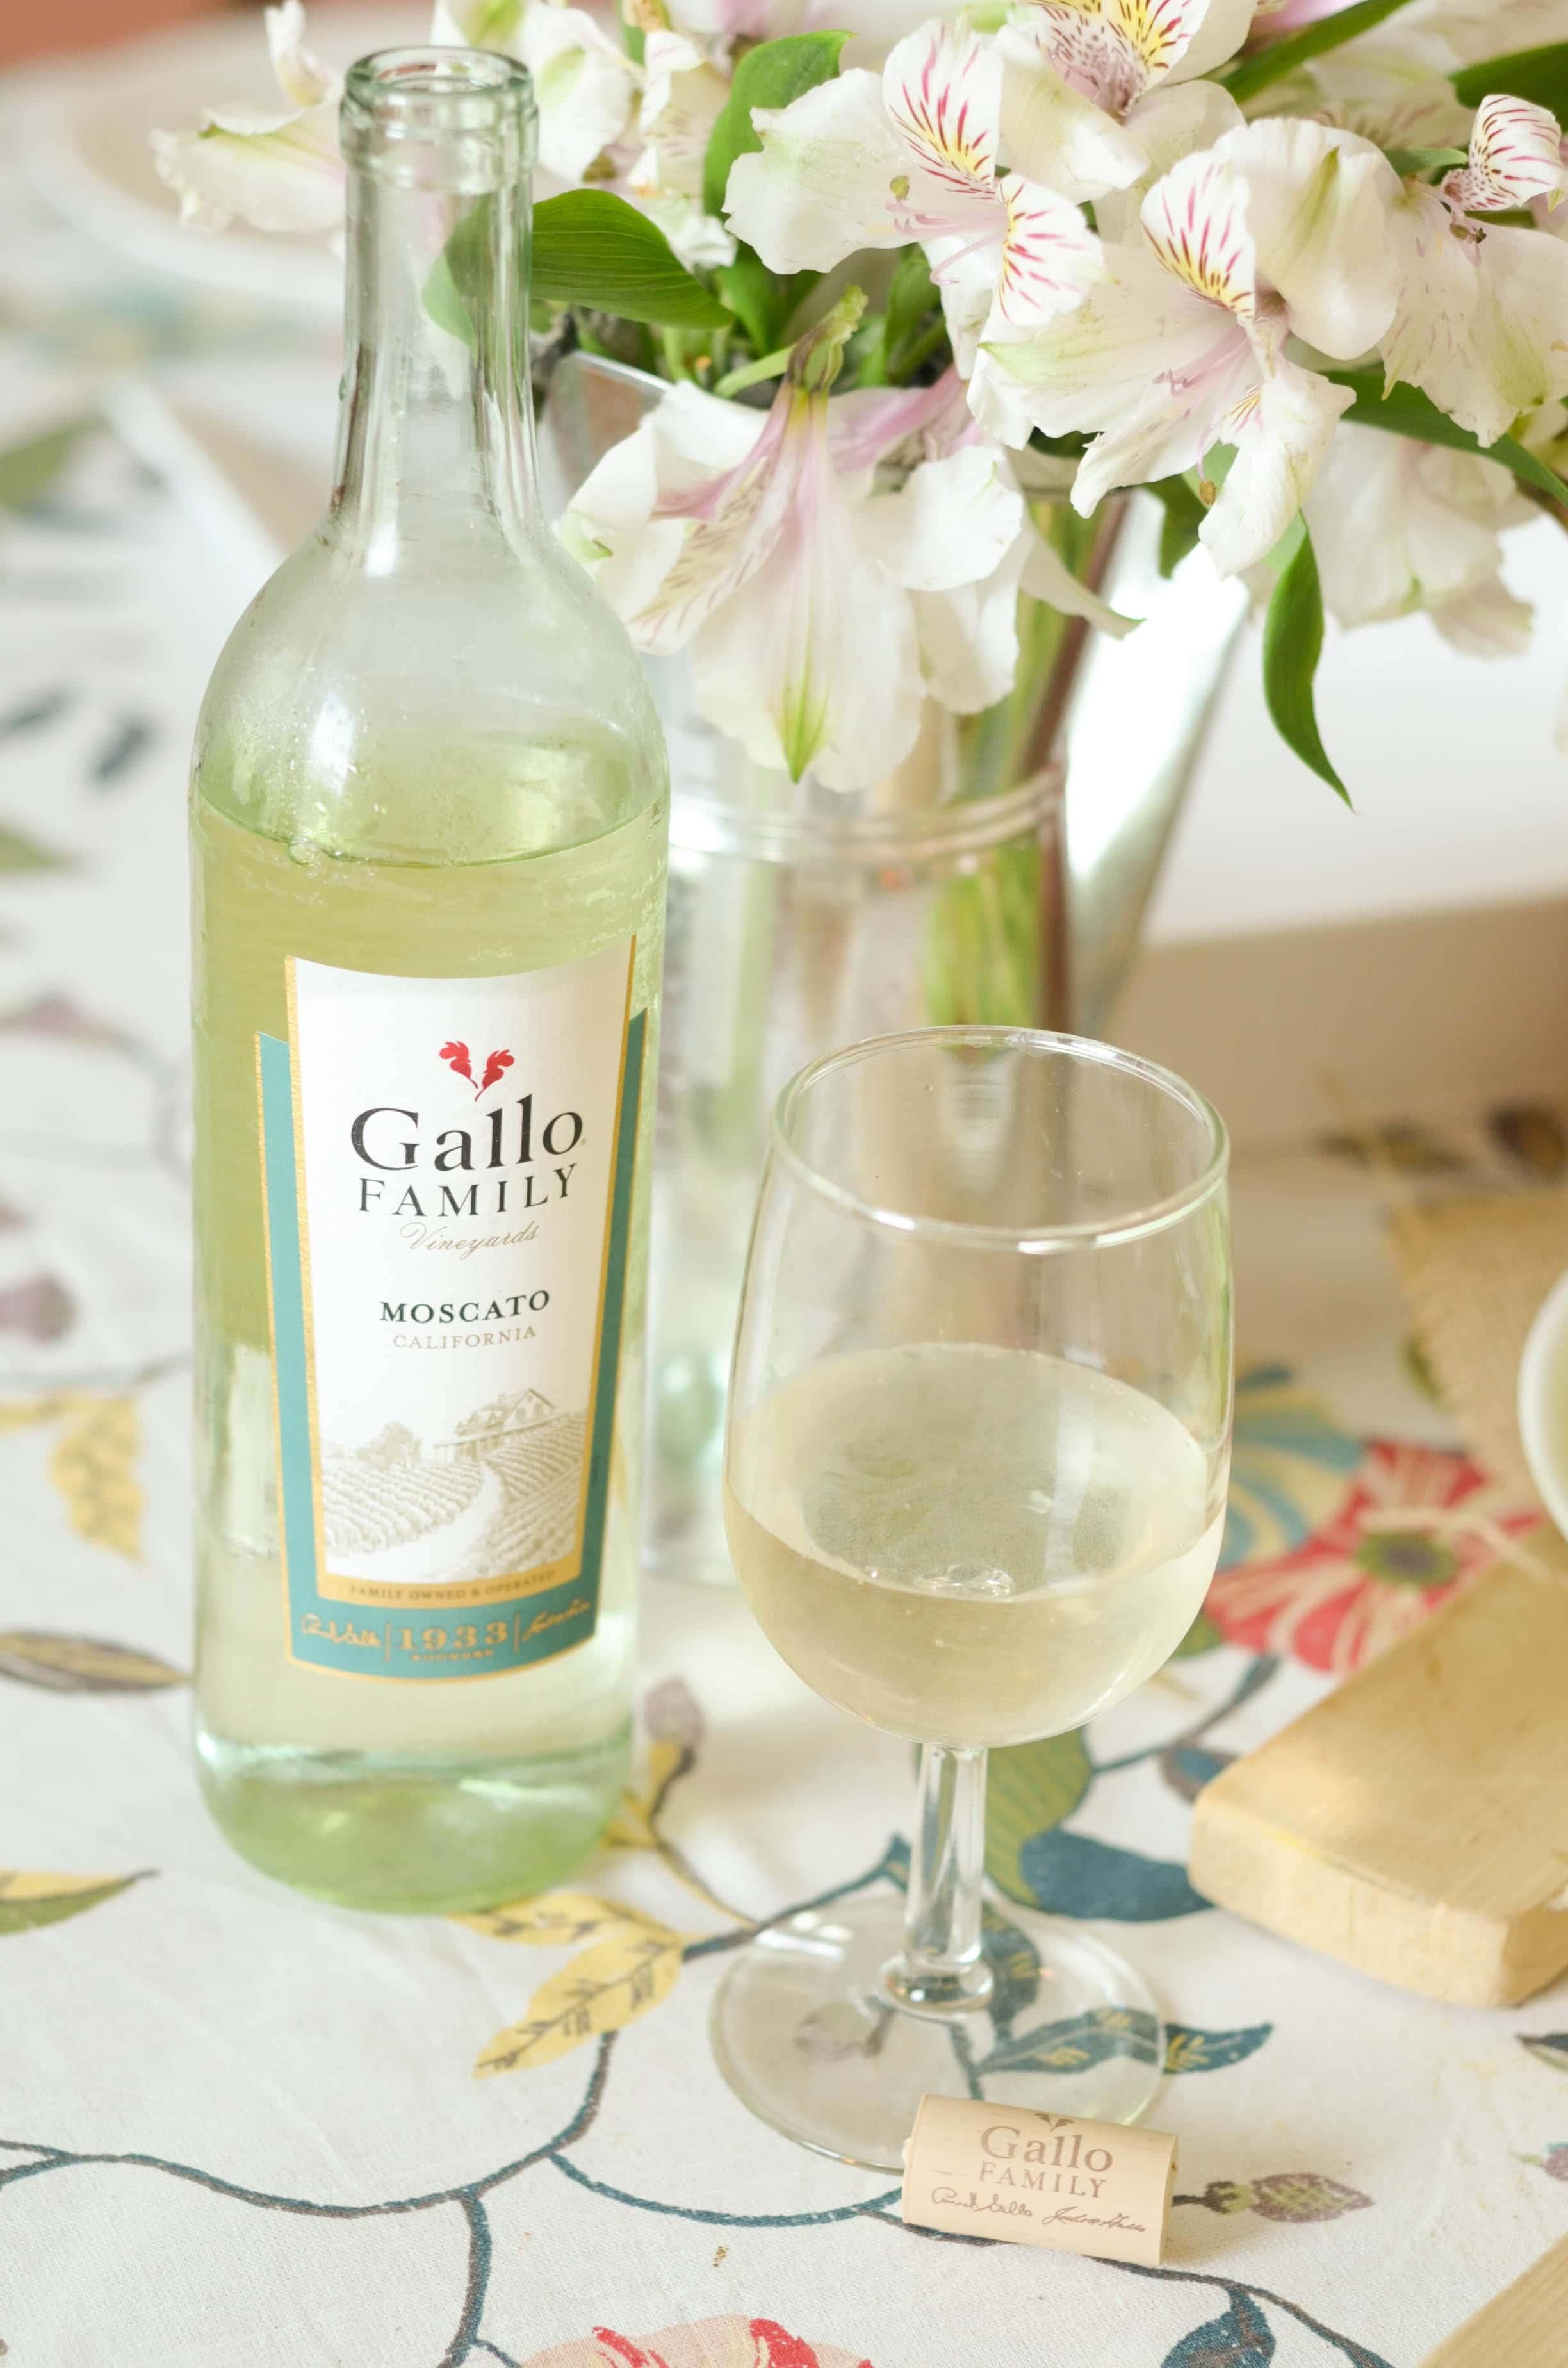 Gallo Gallo Wine Moscato